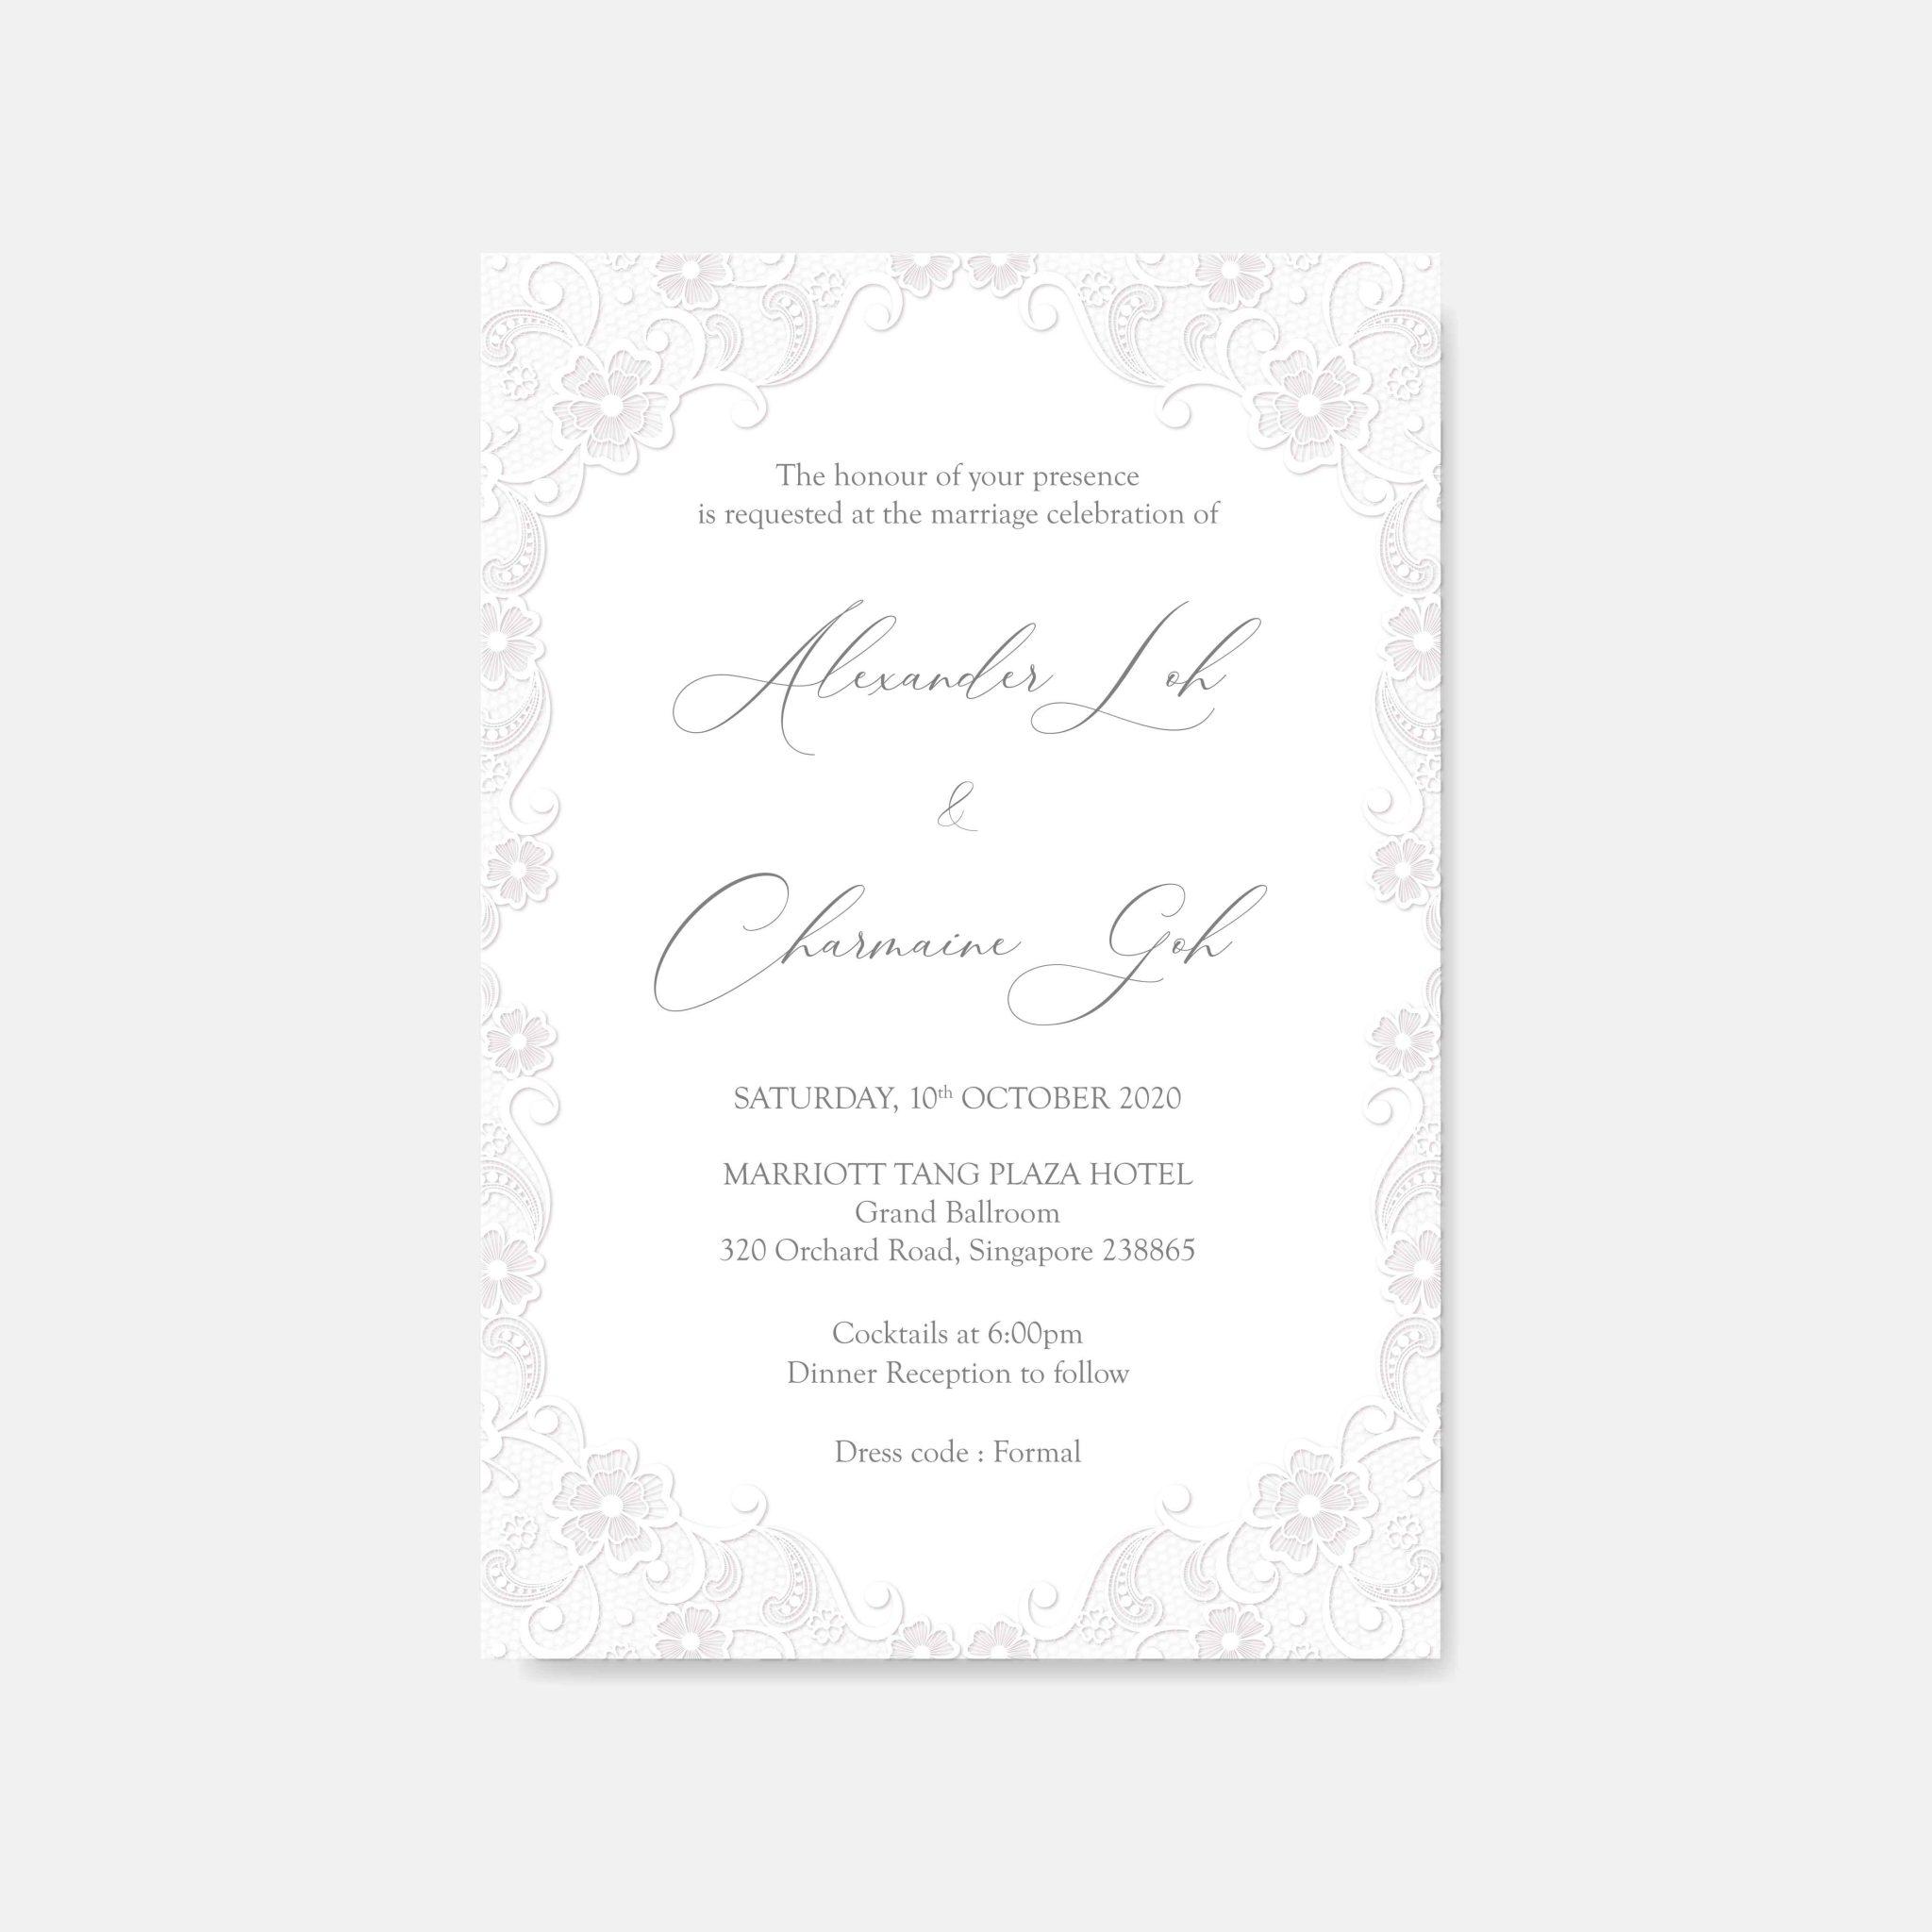 RAISED LETTER WEDDING INVITATION 15